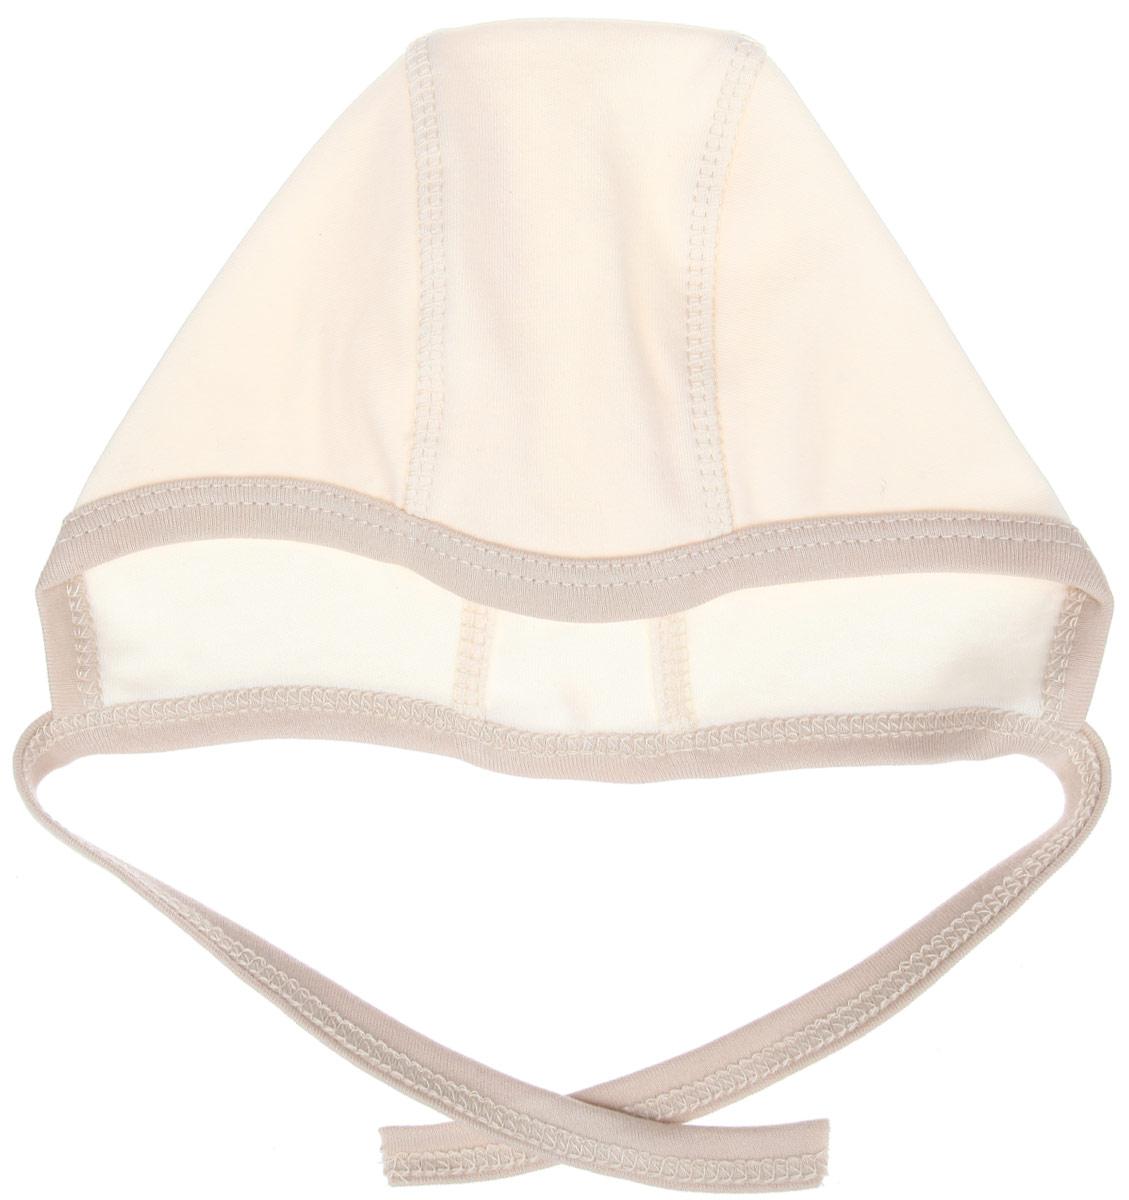 Чепчик02-0801Мягкий чепчик Linea Di Sette Сказочный лес идеально подойдет вашему ребенку. Изделие изготовлено из органического хлопка, ткани из которого не вредят нежной коже малыша, а также их производство безопасно для окружающей среды. Органический хлопок очень мягкий, отлично пропускает воздух, обеспечивая максимальный комфорт. Плоские швы изделия приятны для младенца. Модель по краю оформлена трикотажной бейкой. С помощью завязок можно регулировать обхват головы и шеи. Чепчик необходим любому младенцу, он защищает еще не заросший родничок, щадит чувствительный слух малыша, прикрывая ушки, а также предохраняет от теплопотерь.